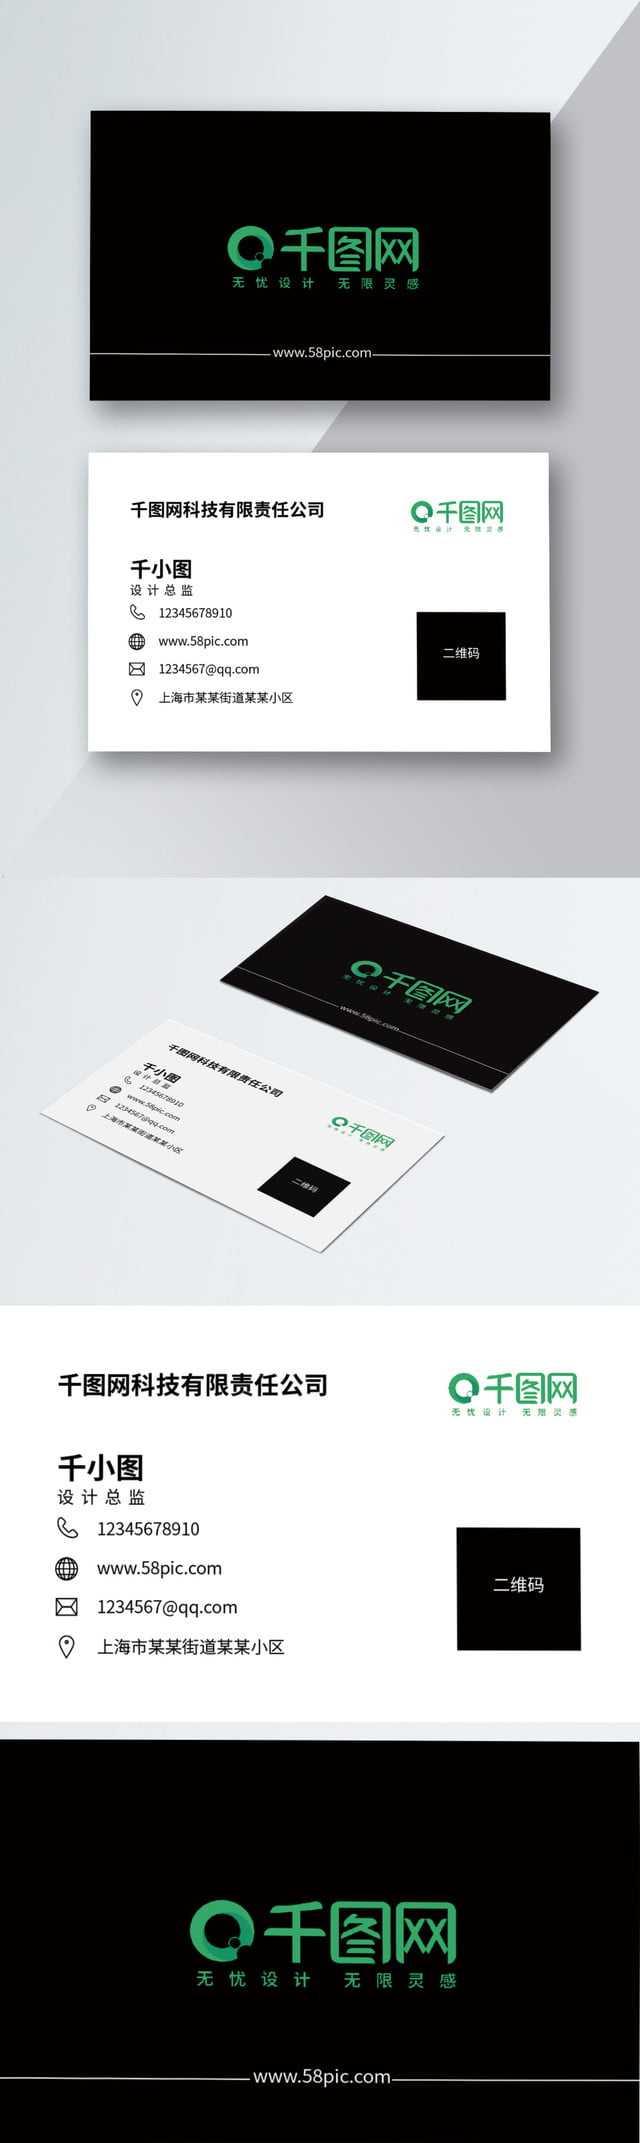 Business Card Address Phone Qr Code Template For Free In Qr Code Business Card Template